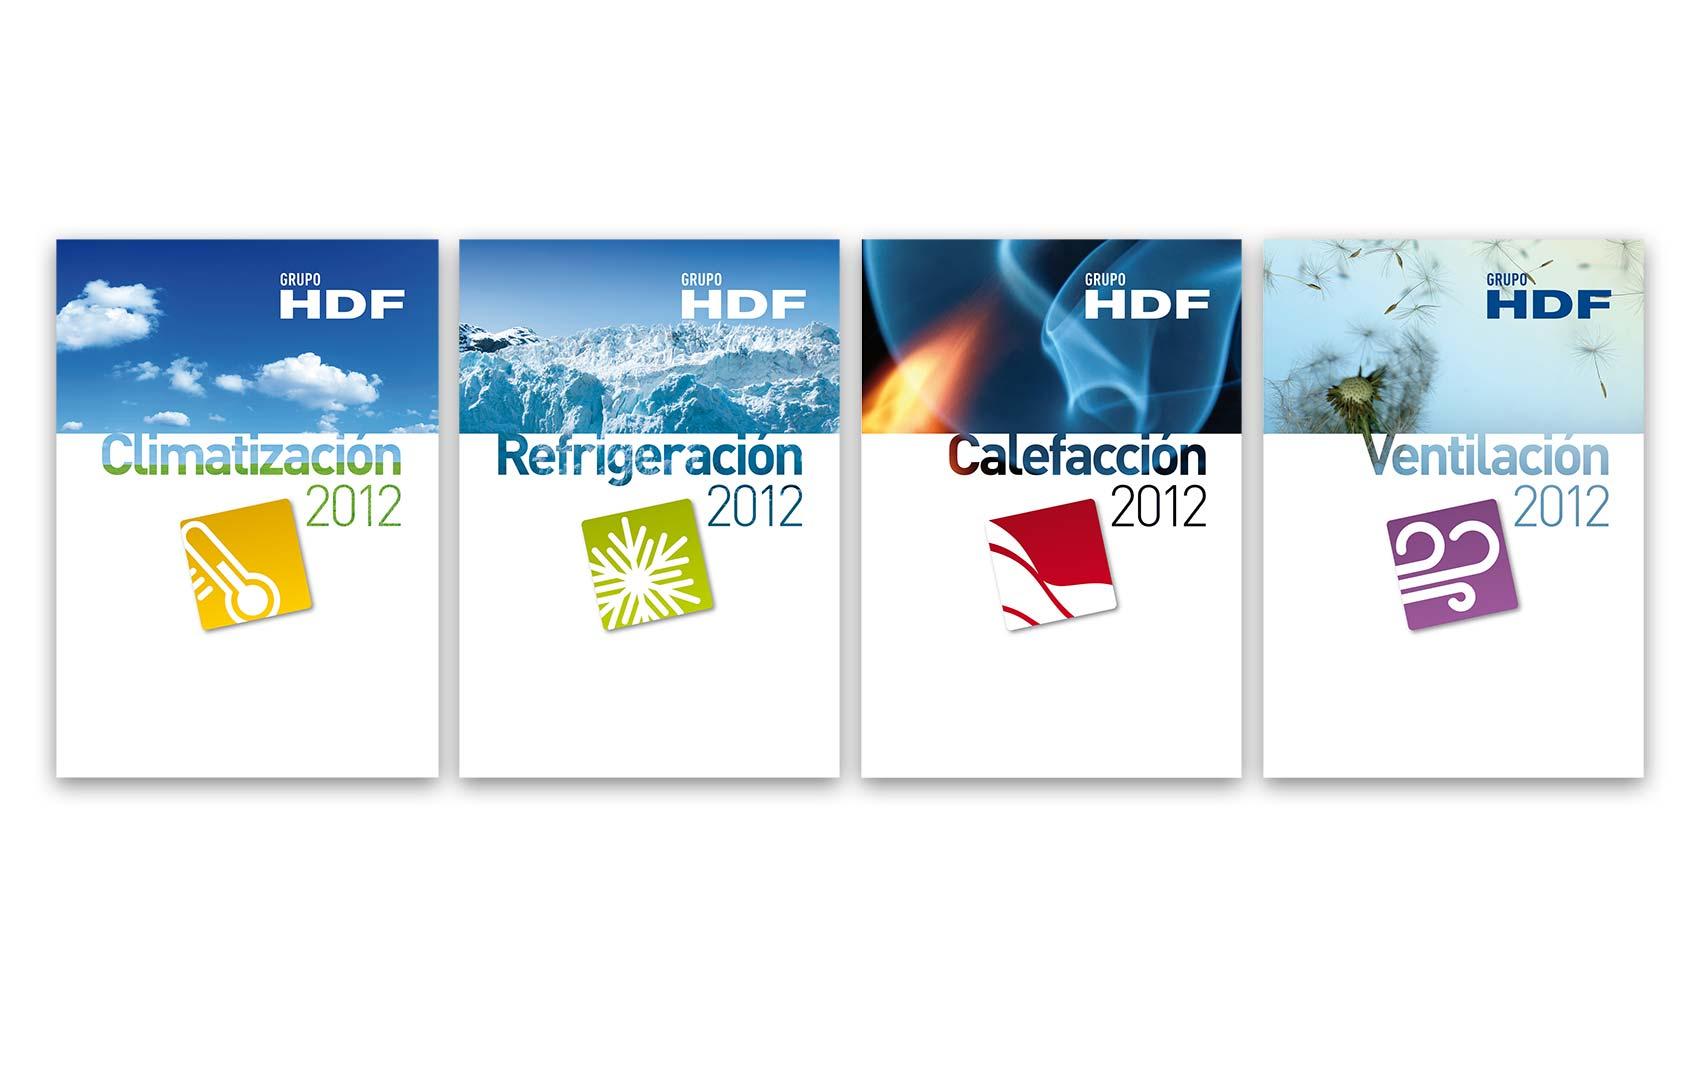 hdf-catalogos-01.jpg